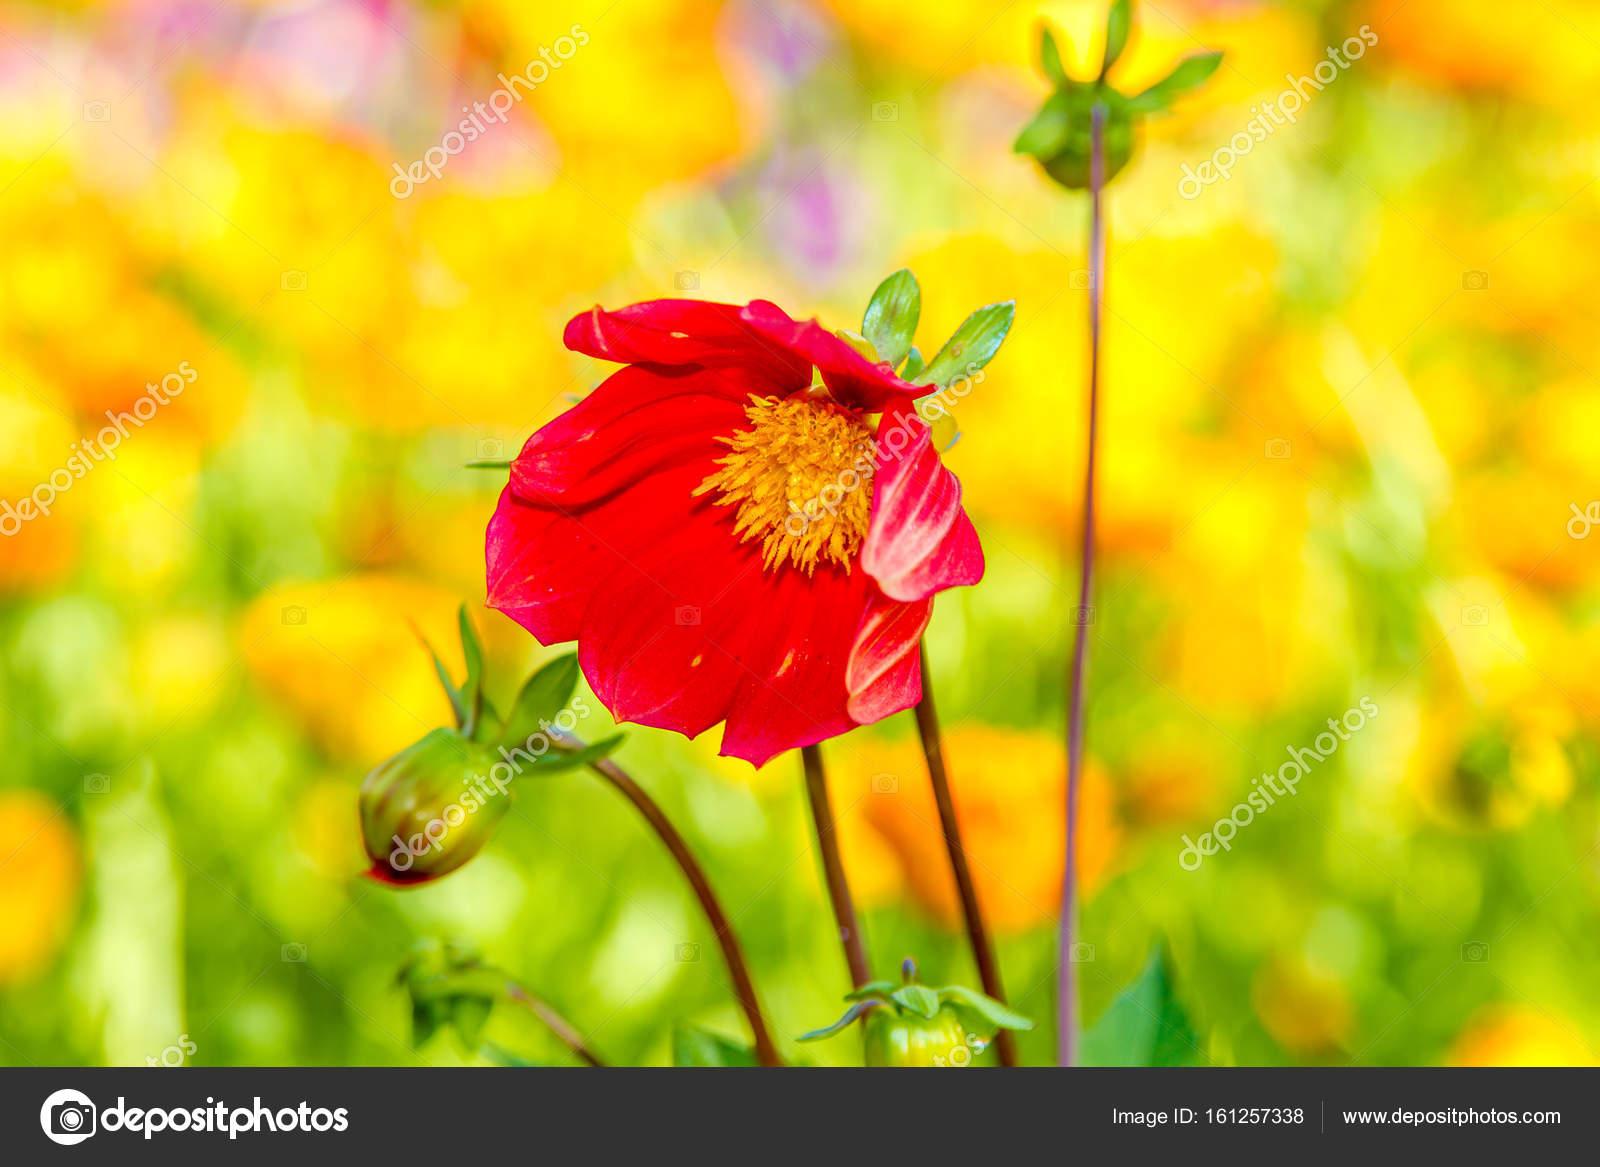 Flower red dahlia with yellow center stock photo artex67 161257338 flower red dahlia with yellow center stock photo mightylinksfo